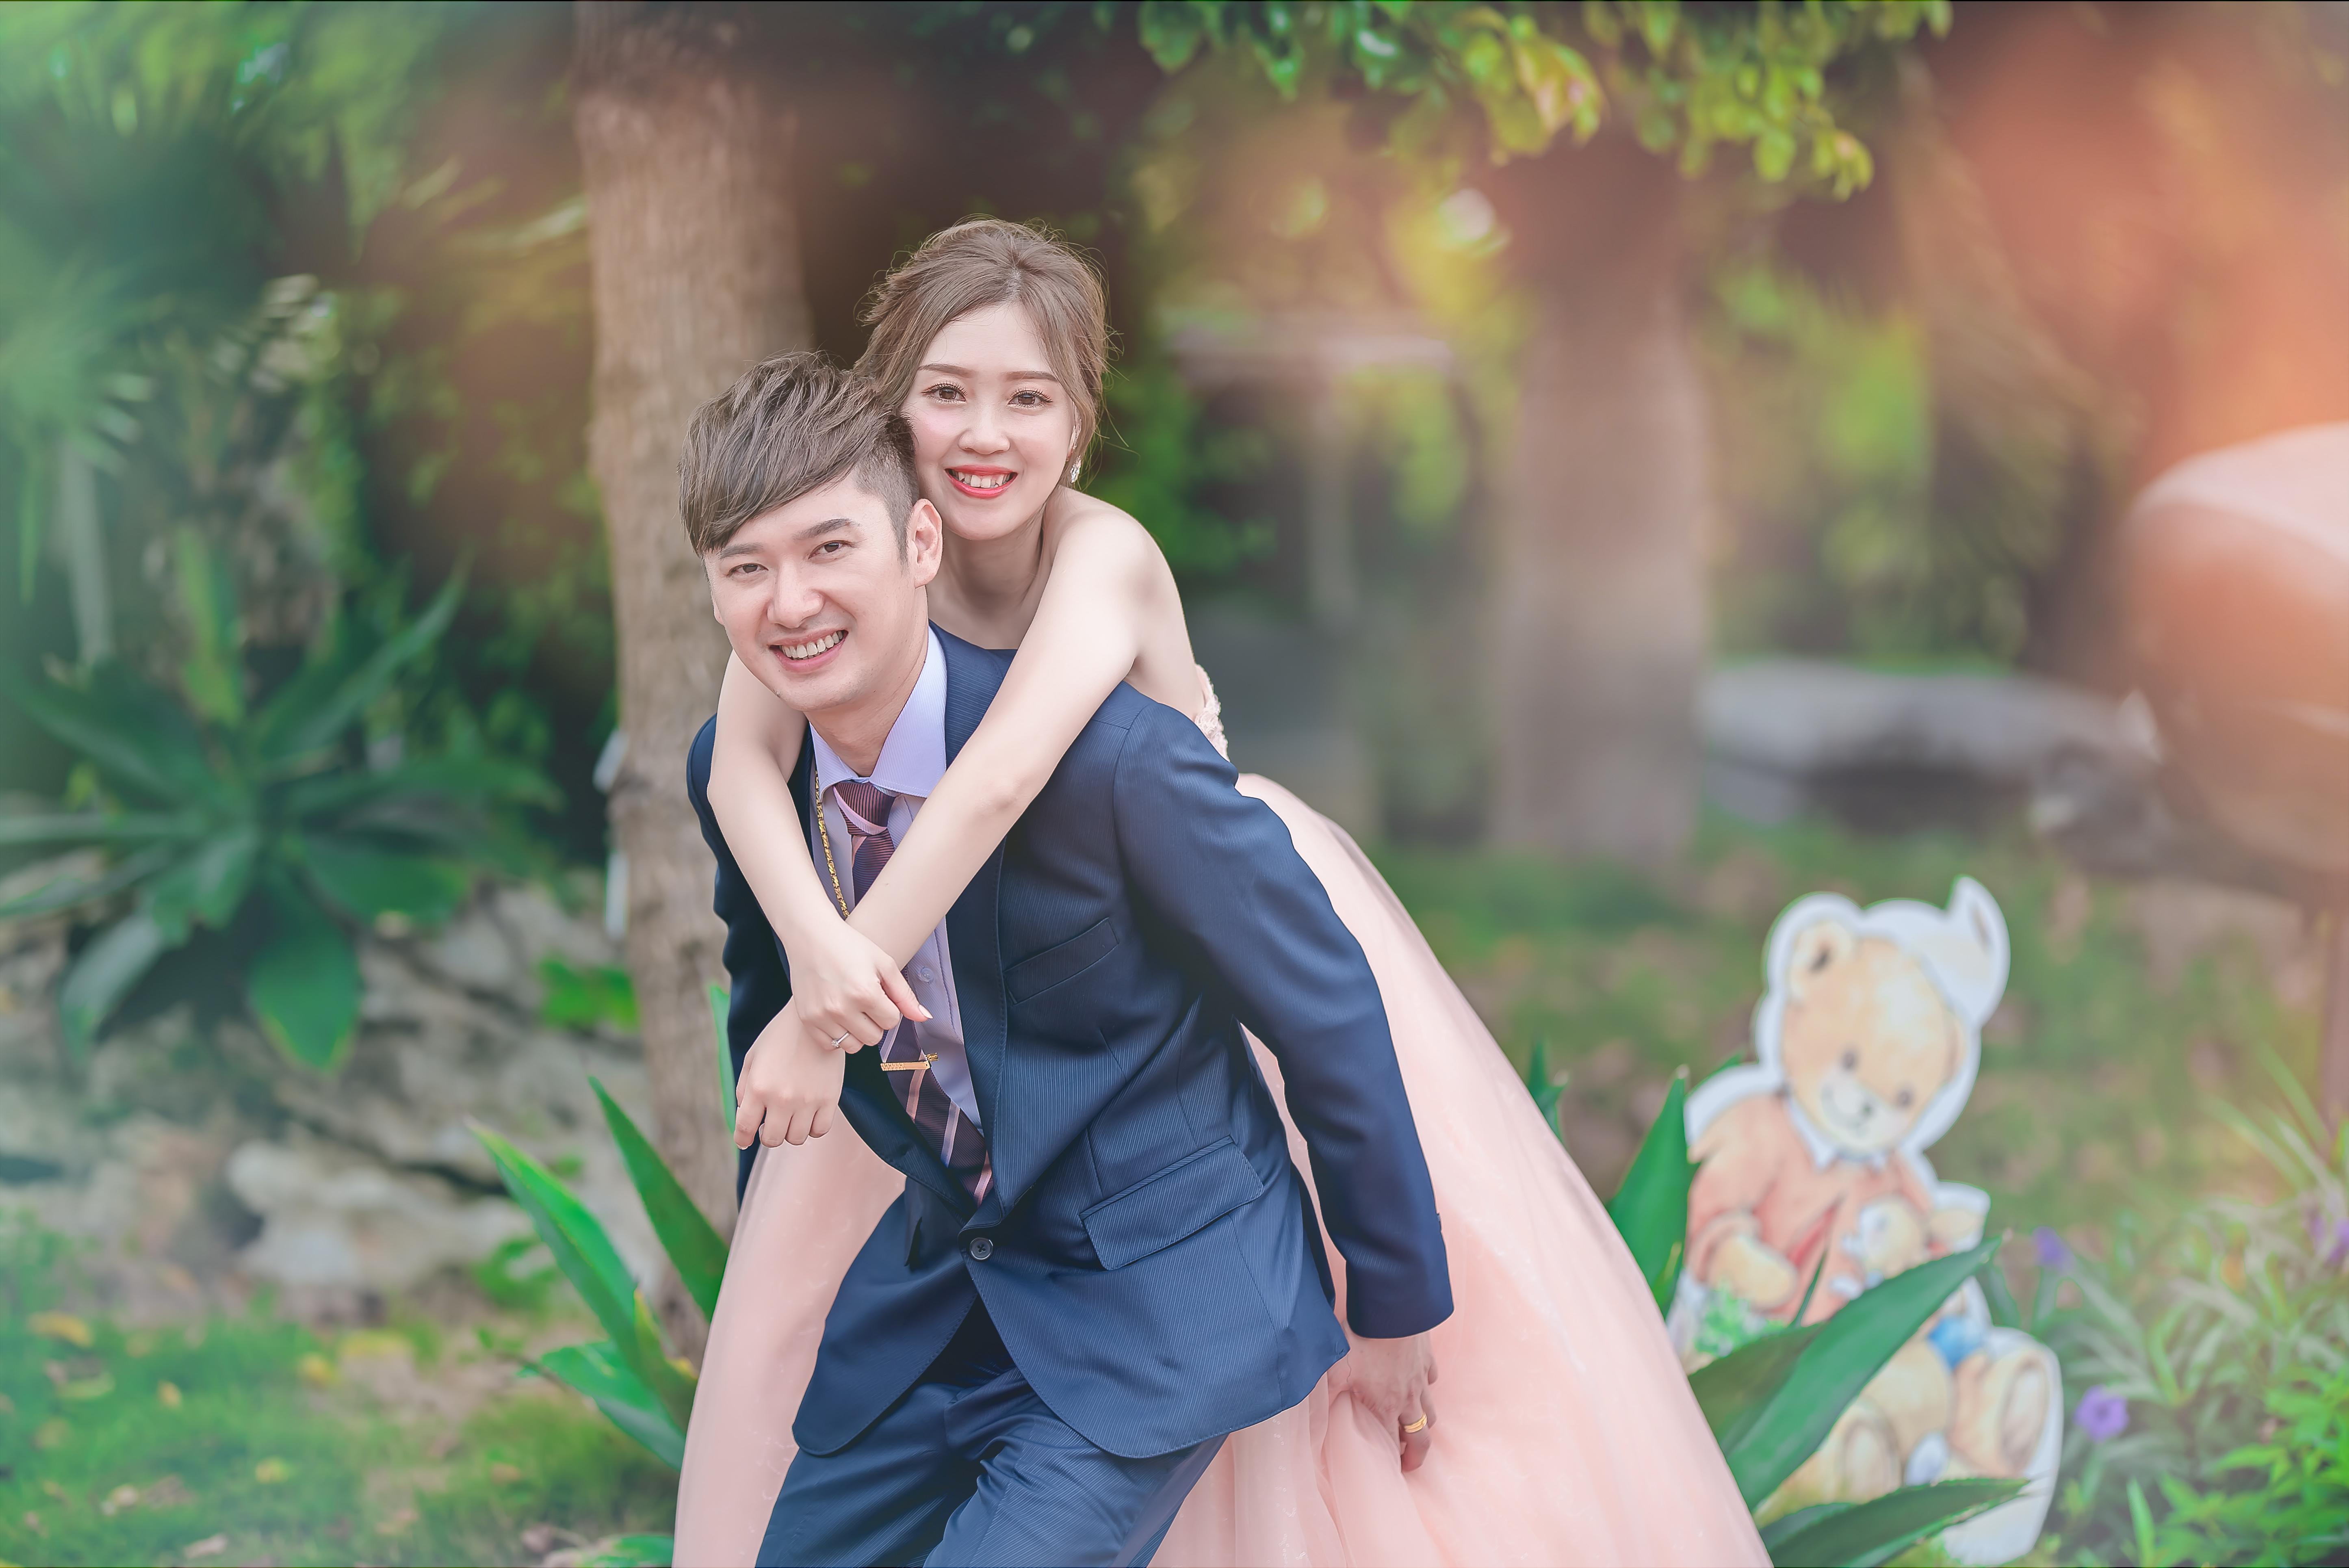 婚禮攝影 [原良❤雅雯] 文定之囍@東海漁村花園婚禮會館